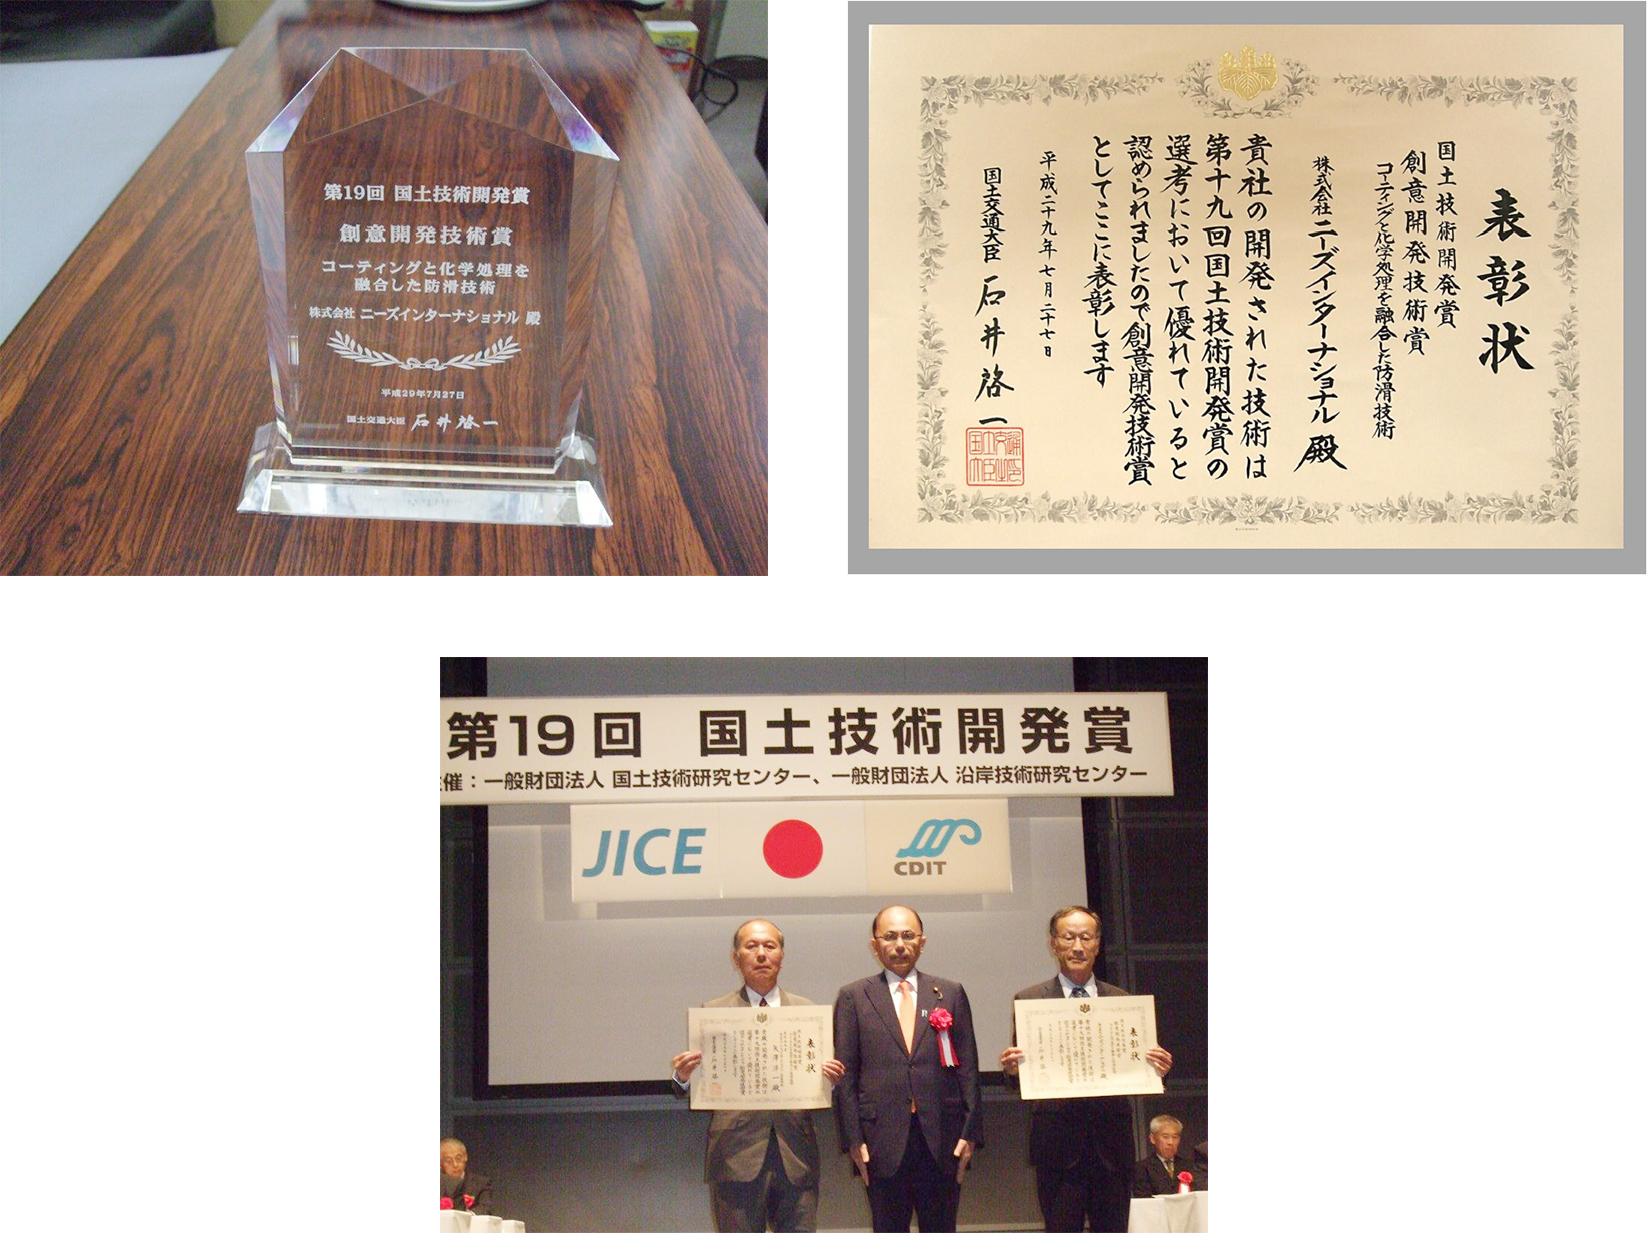 ニーズインターナショナル:第19回国土技術開発賞